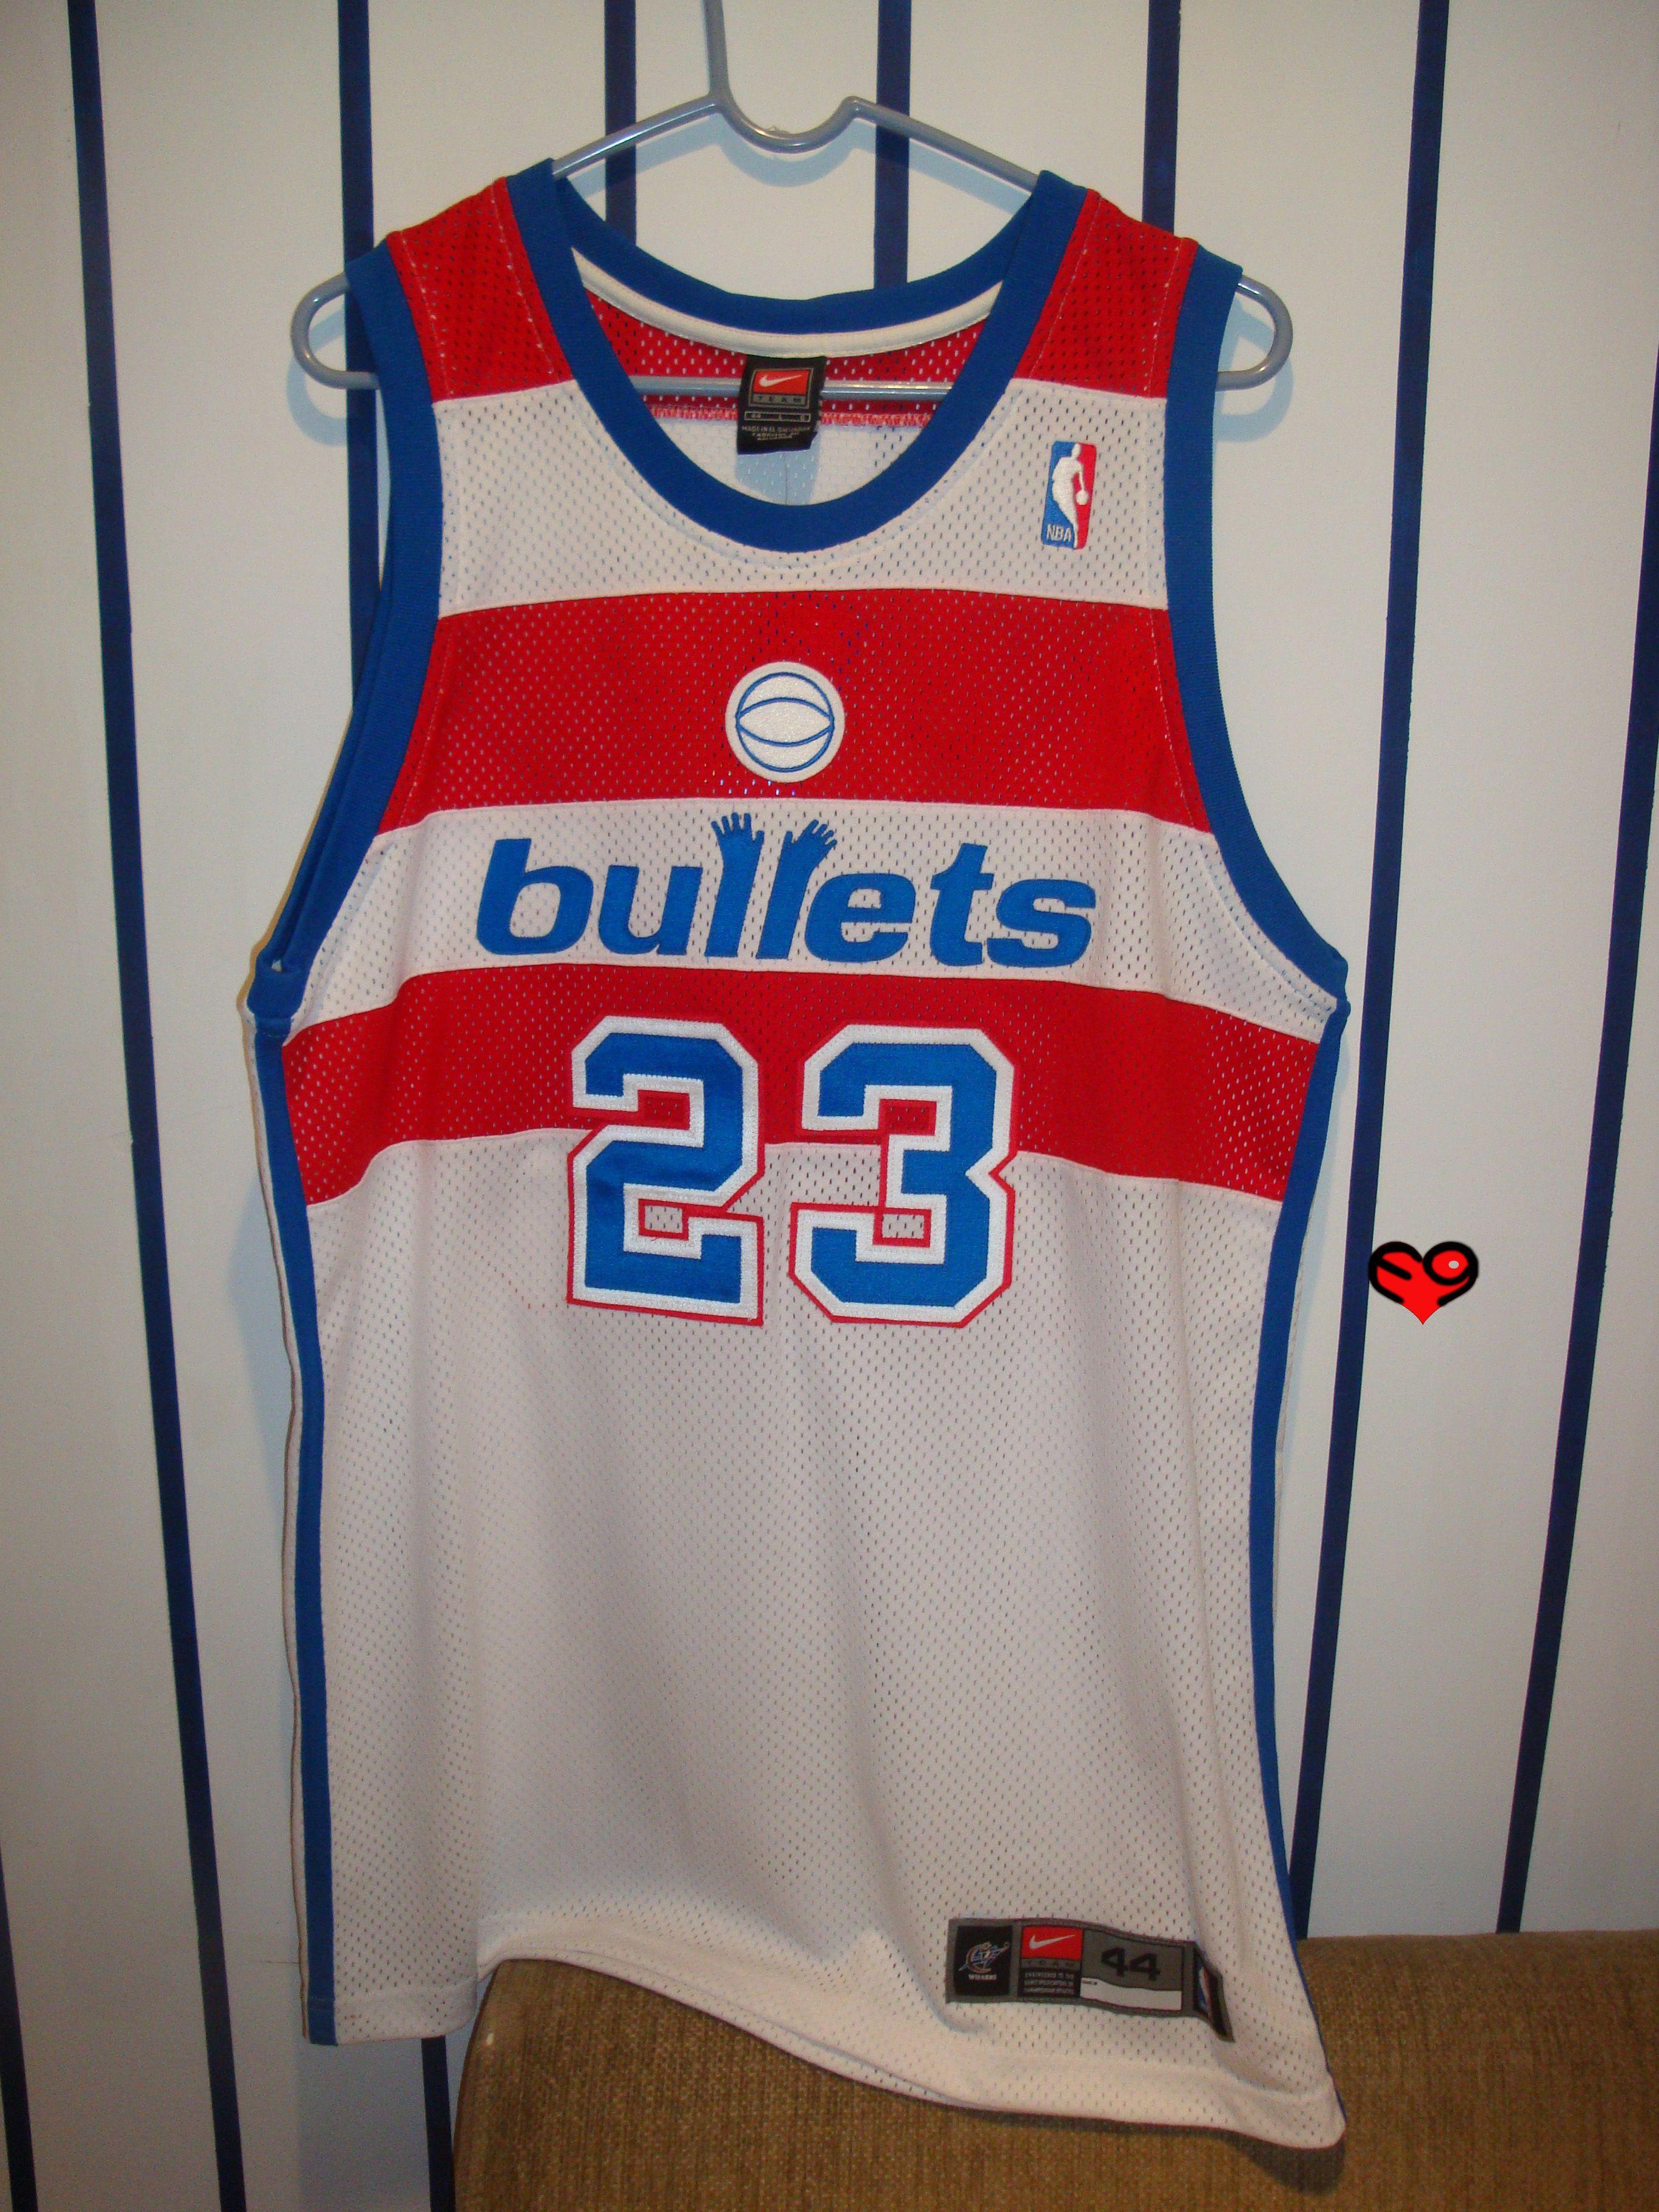 wholesale dealer 7c69b 51590 Jordan Nike Bullets Authentic Jersey (front) | Michael ...